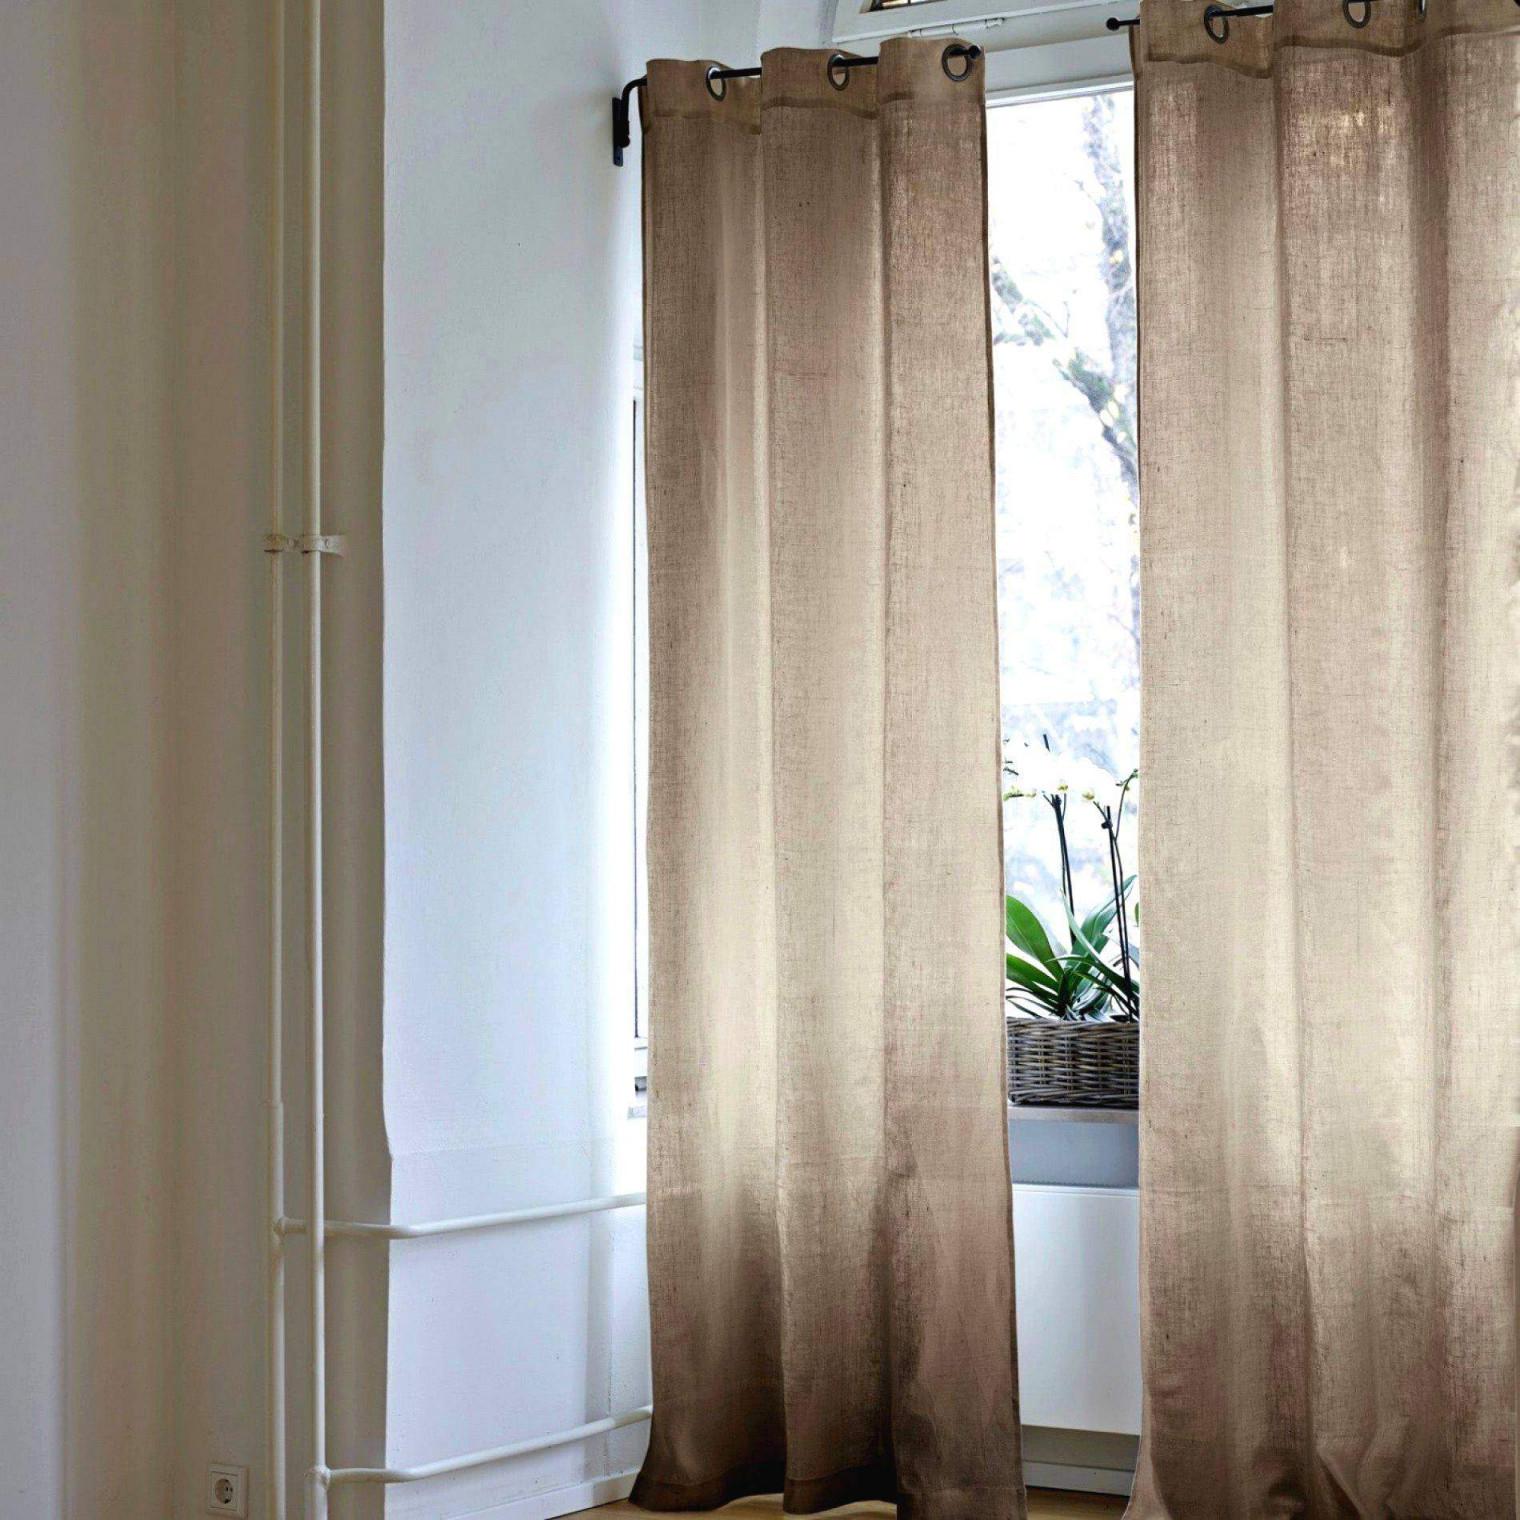 29 Elegant Gardinen Stores Für Wohnzimmer Inspirierend von Stylische Gardinen Wohnzimmer Bild